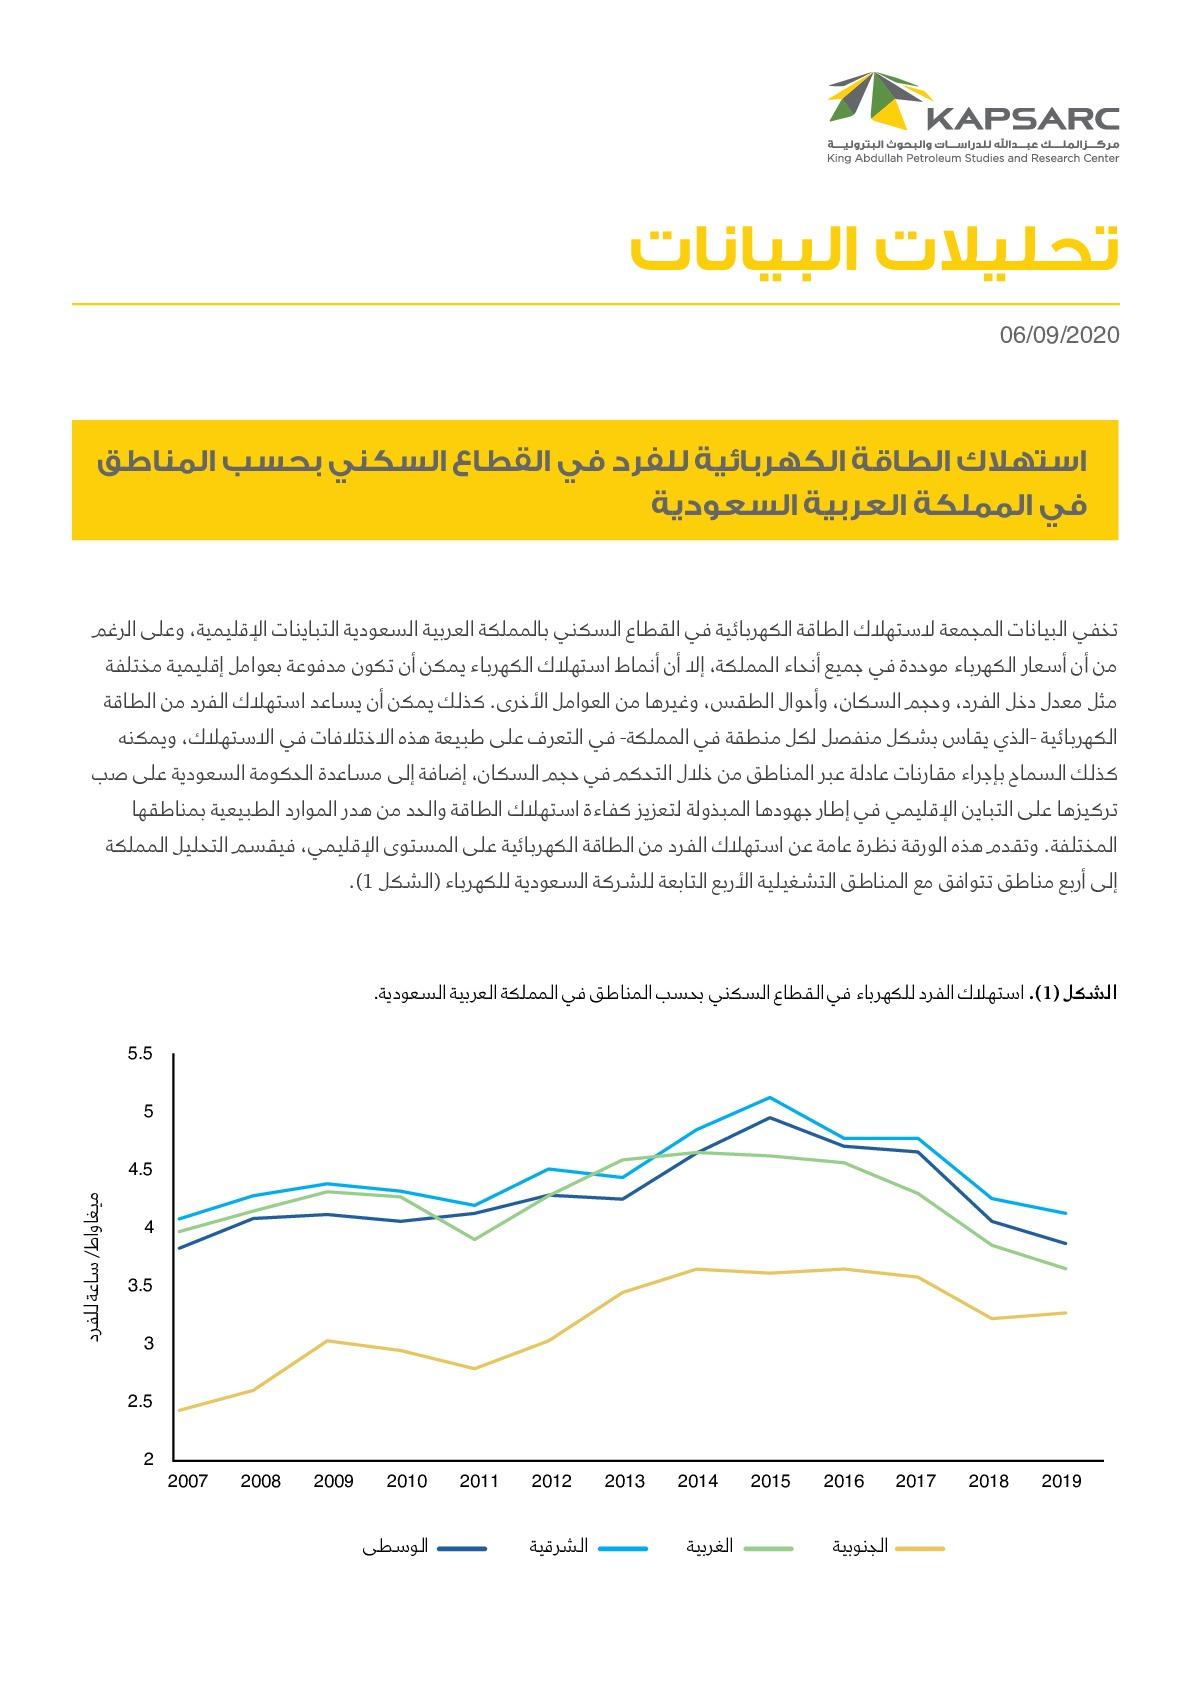 استهلاك الطاقة الكهربائية للفرد في القطاع السكني بحسب المناطق في المملكة العربية السعودية